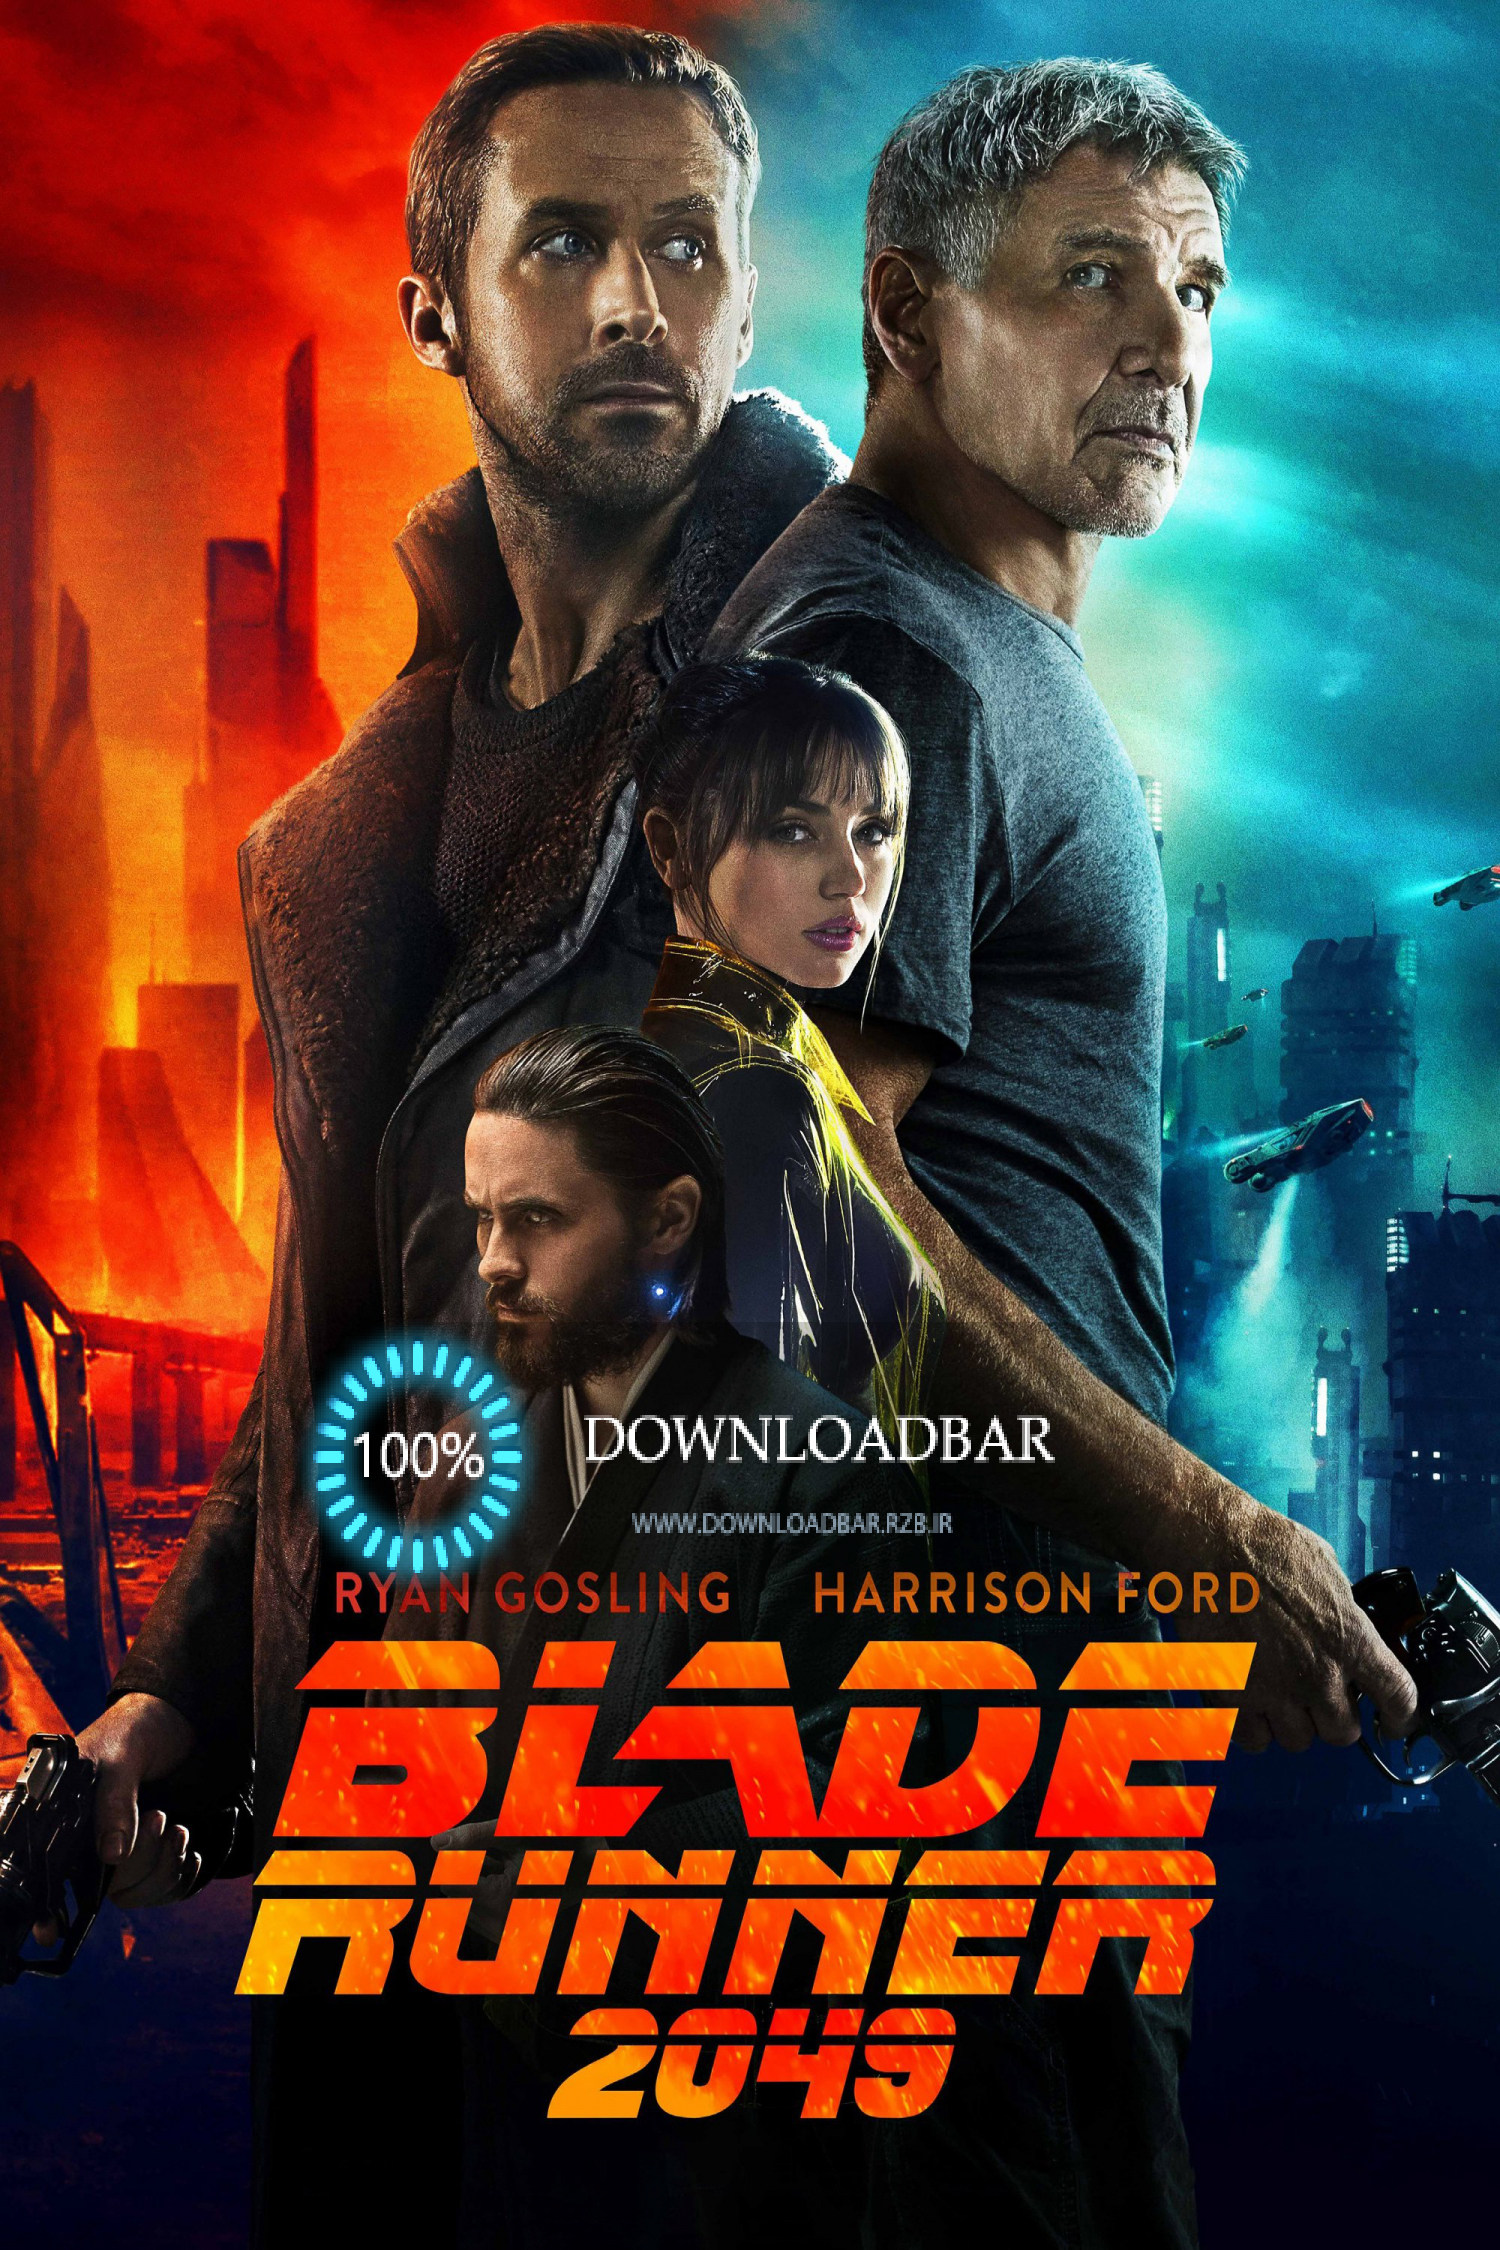 فیلم Blade Runner 2049 2017+دانلود